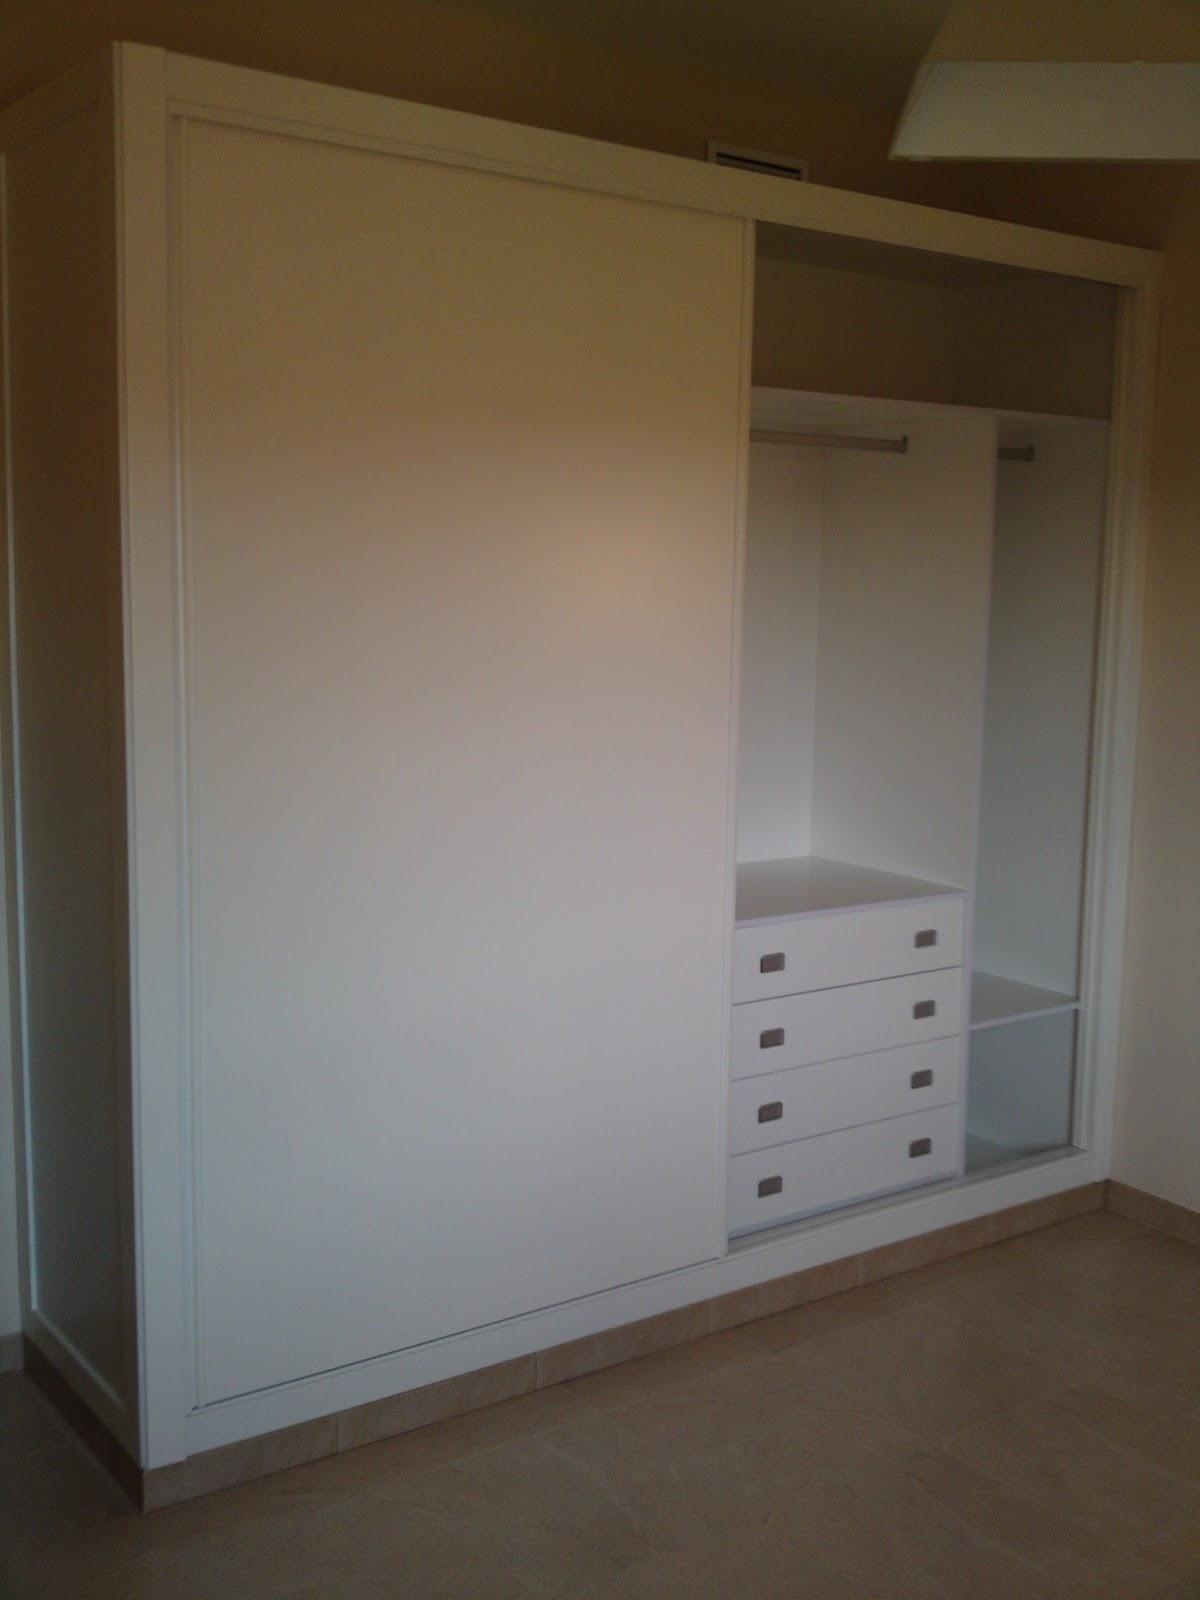 Comprar ofertas platos de ducha muebles sofas spain - Comprar muebles por internet ...